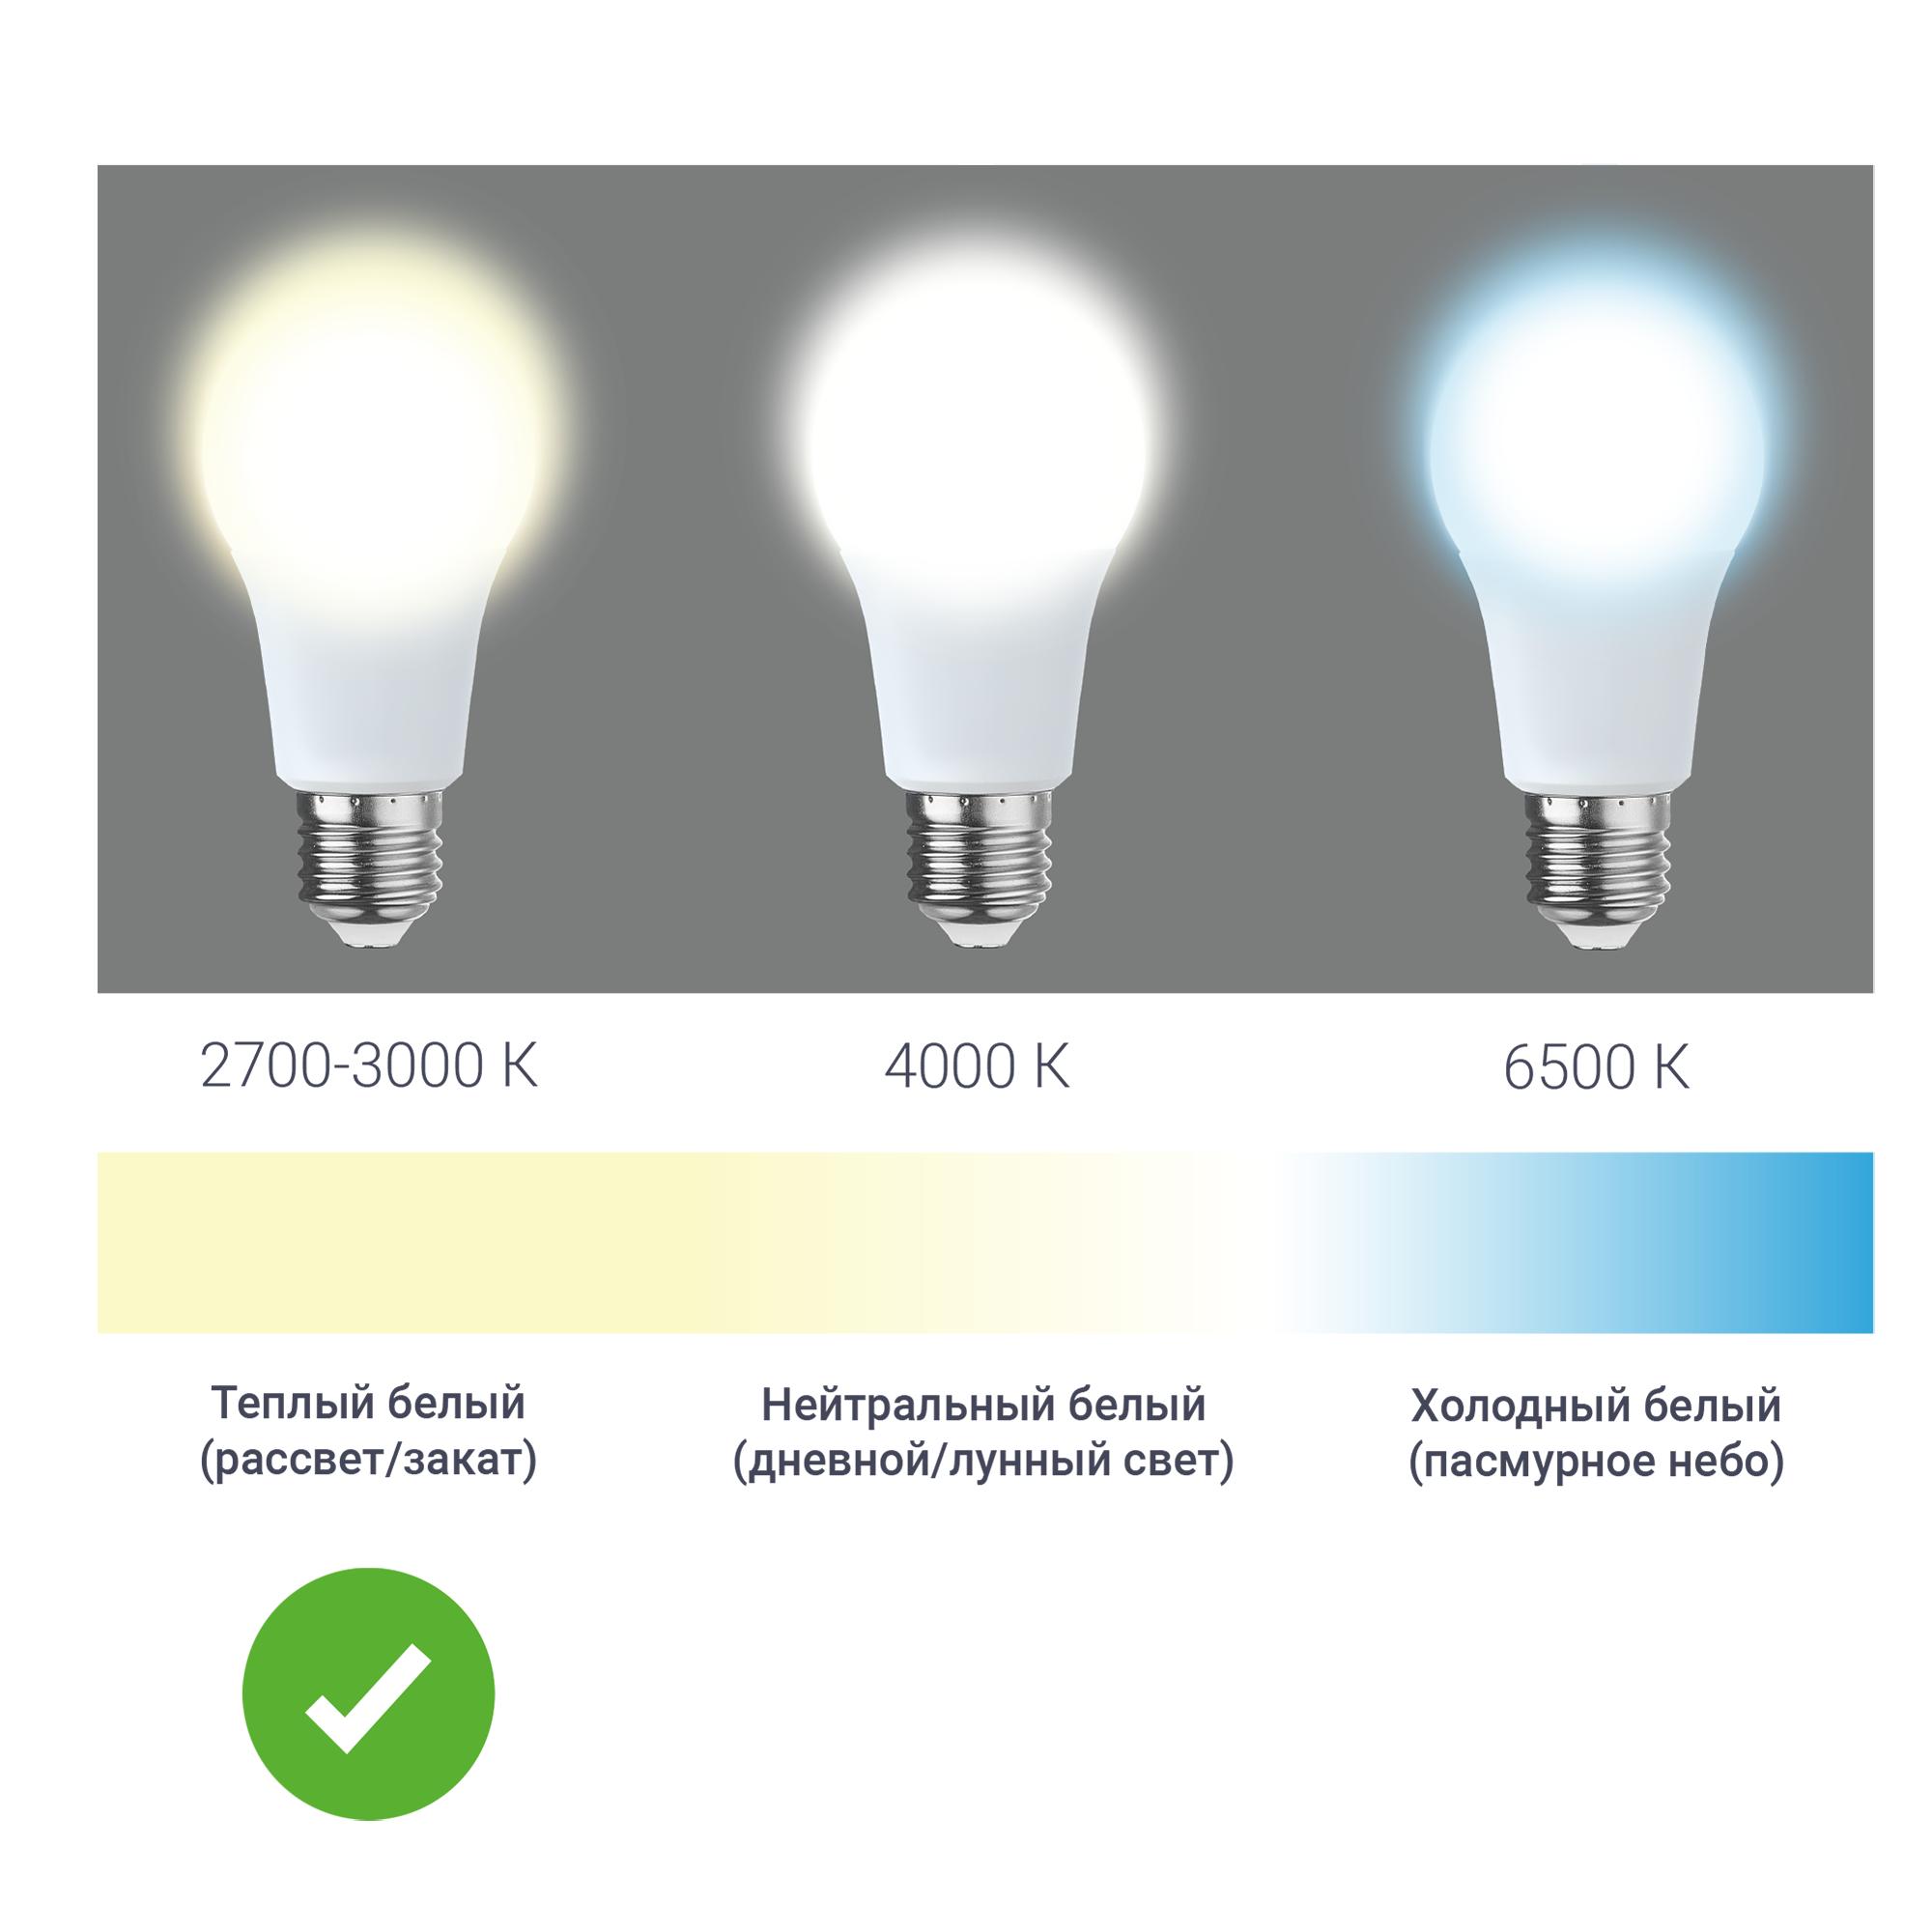 Лампа светодиодная Osram GU5.3 220-240 В 5 Вт спот прозрачная 400 лм тёплый белый свет